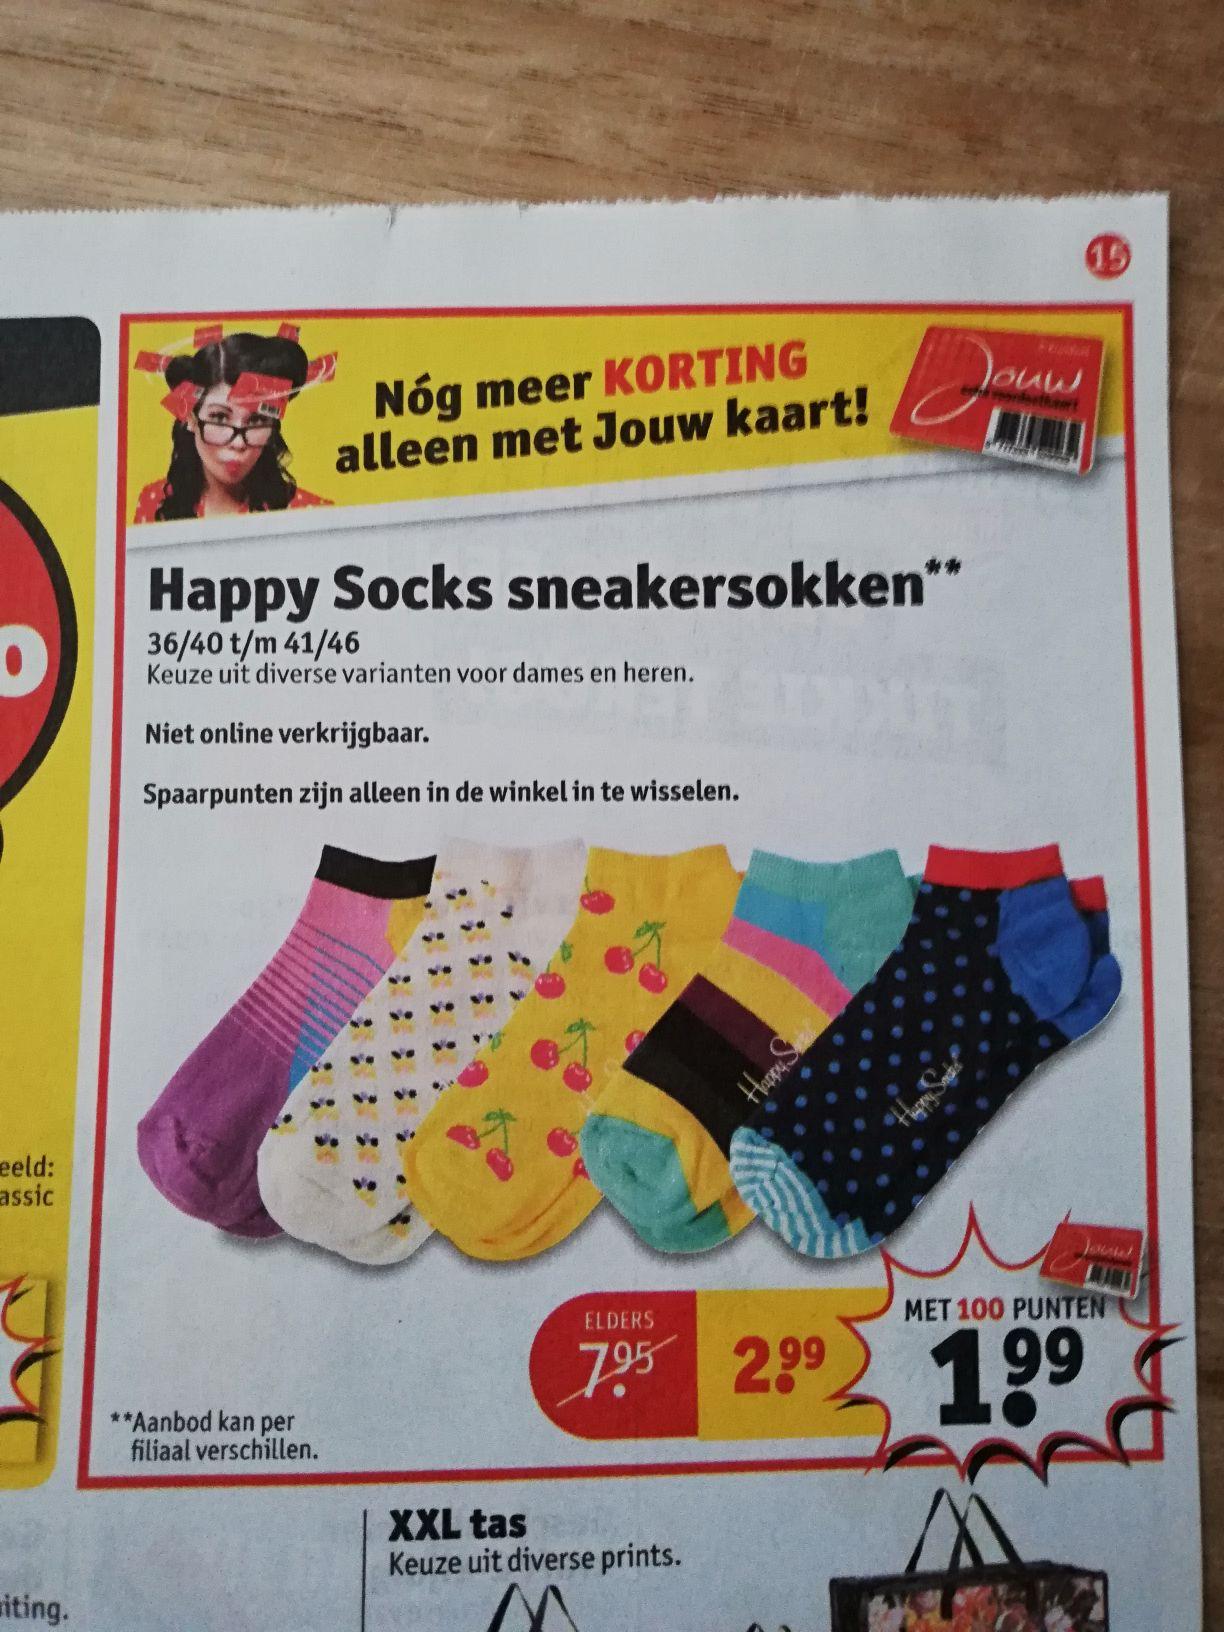 Kruidvat | Happy Socks lage sokken €2,99 ipv €7,95 zelfs €1,99 met 100 punten